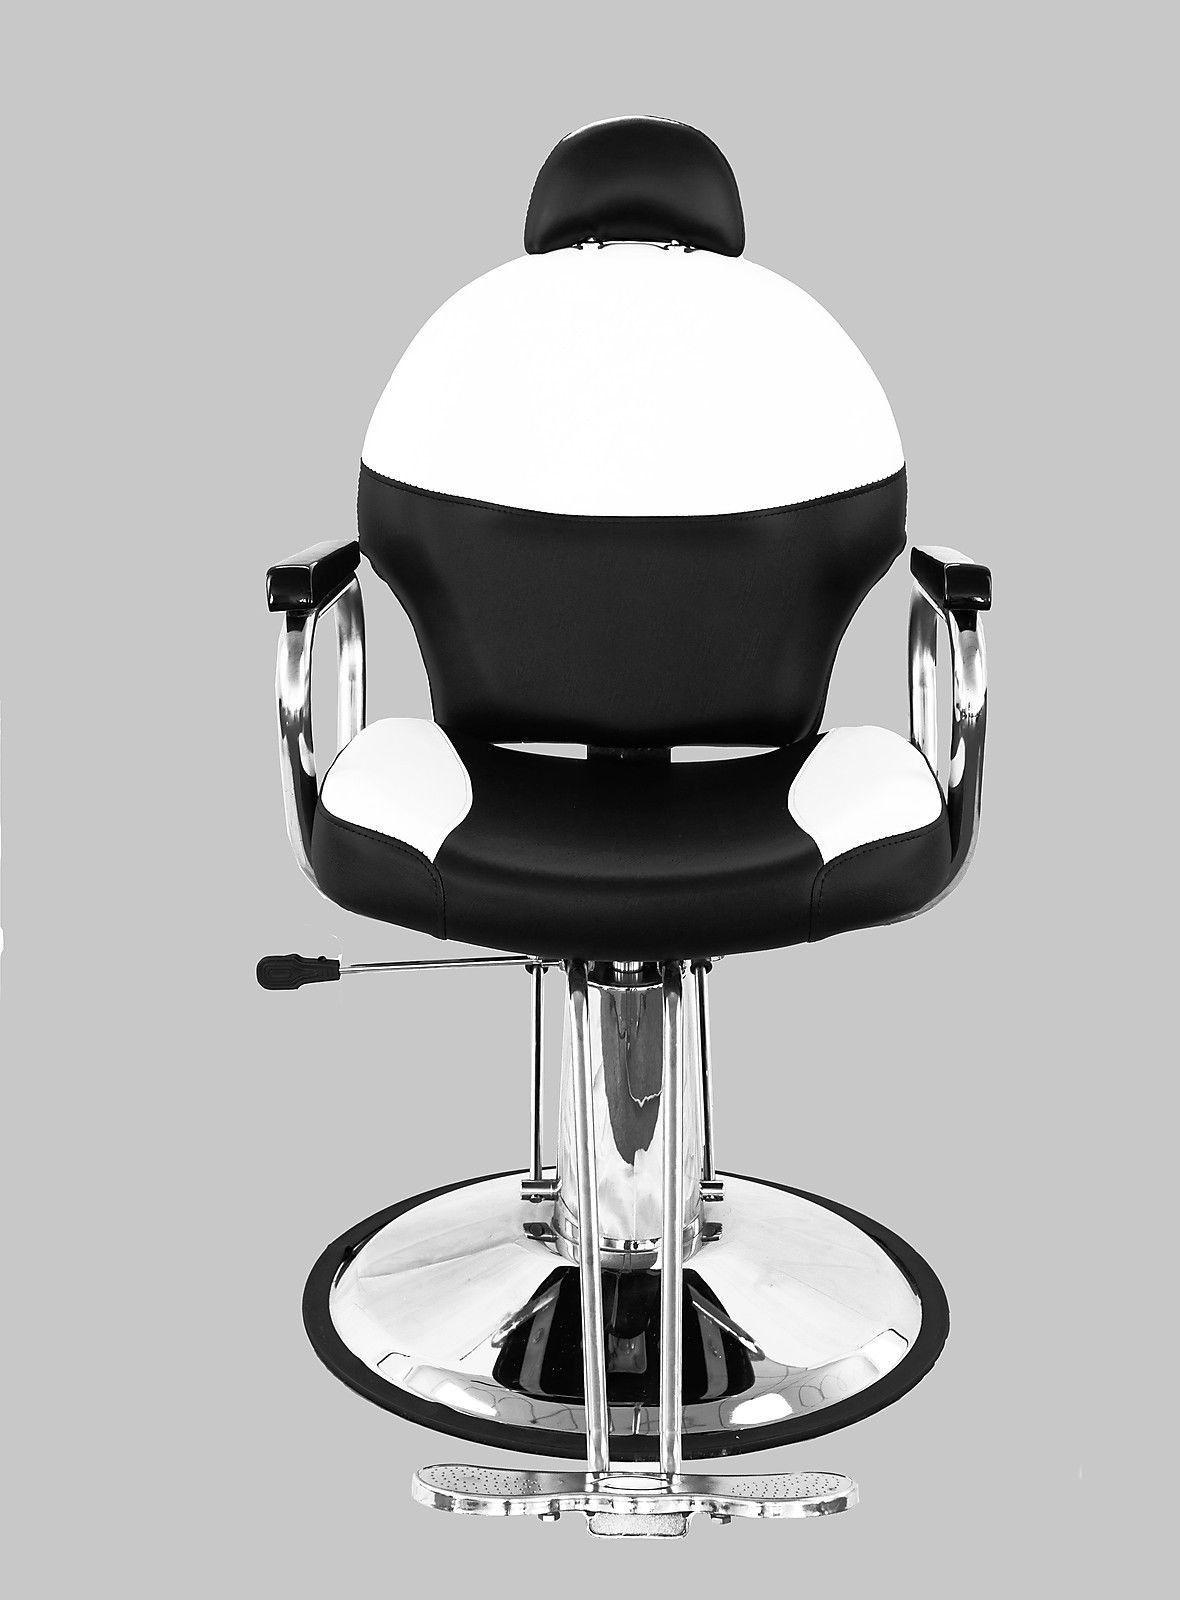 Barberpub Reclining Hydraulic Salon Styling Beauty Spa